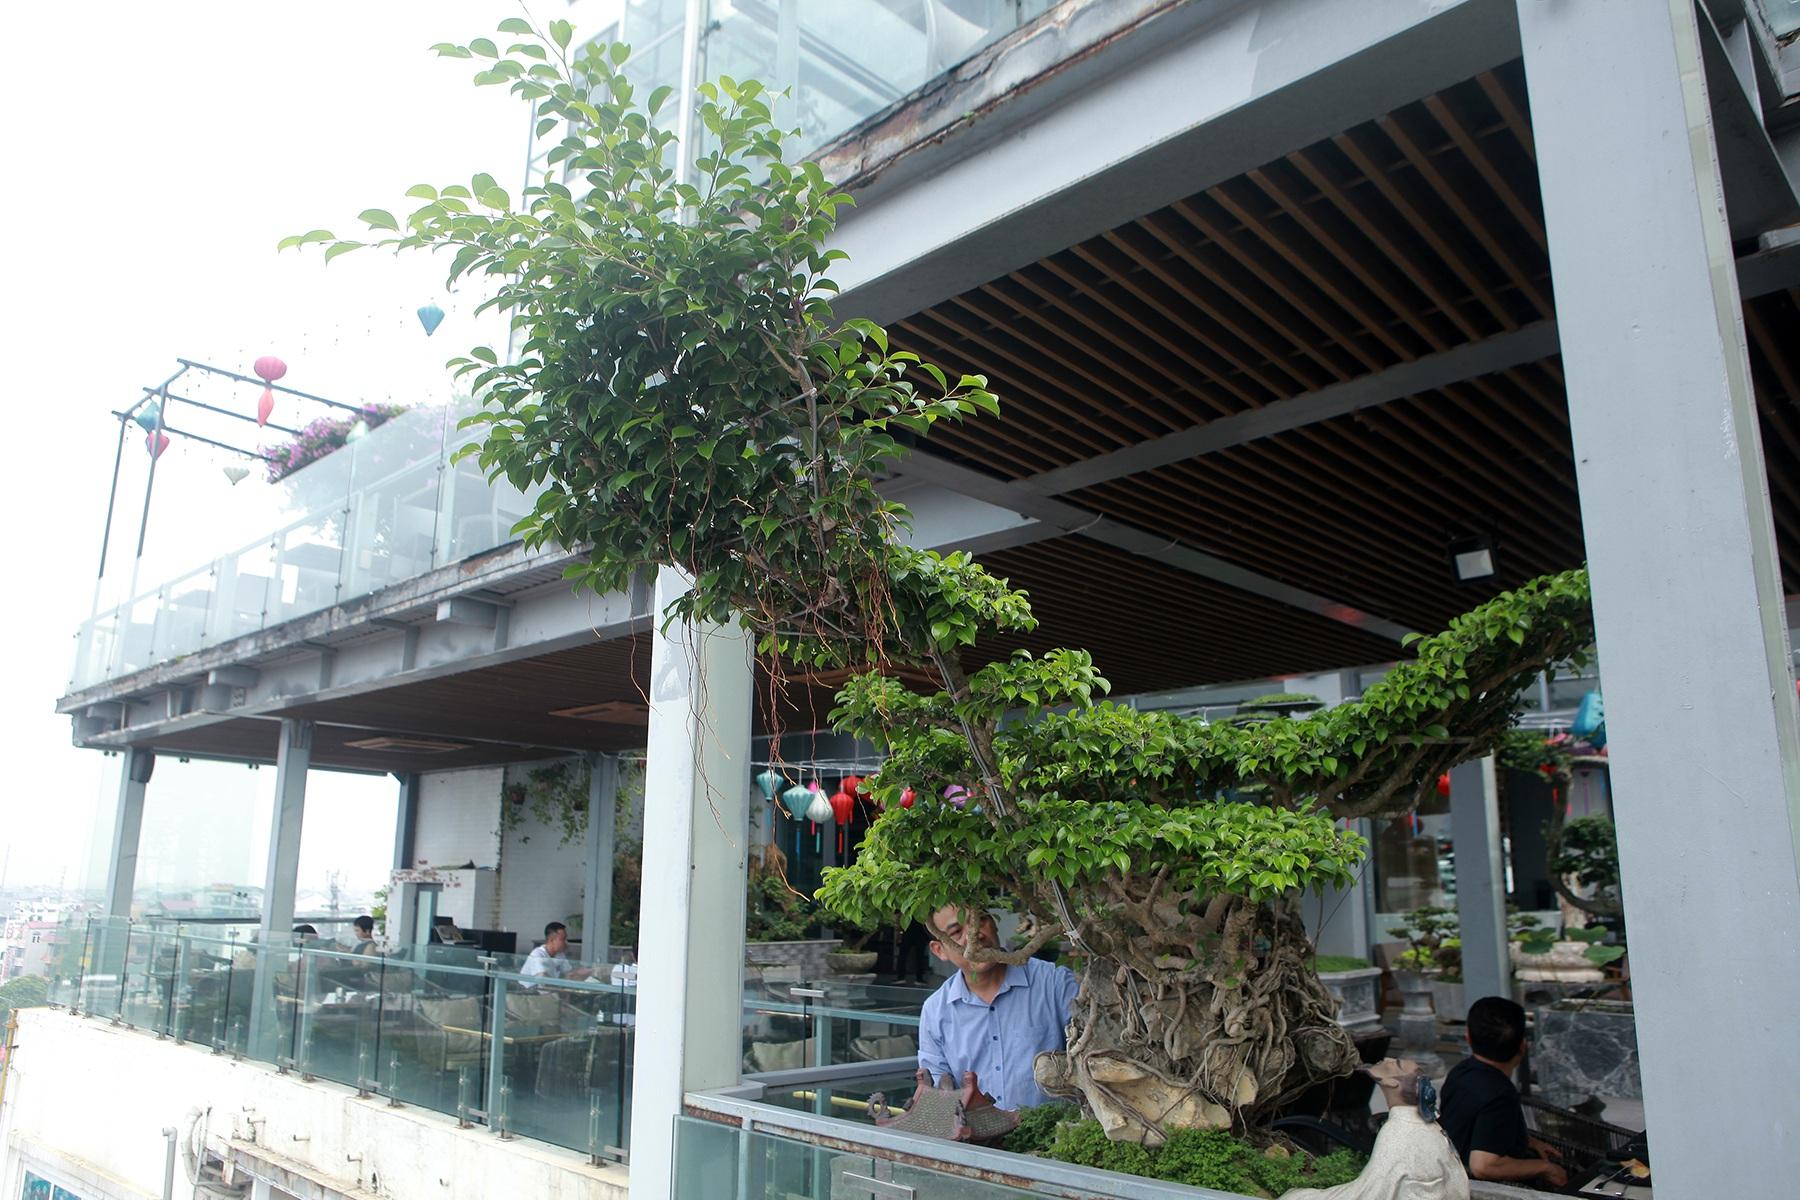 """Mãn nhãn với vườn cây bonsai dáng quái giữa """"lưng chừng trời"""" ở Hà Nội - 9"""